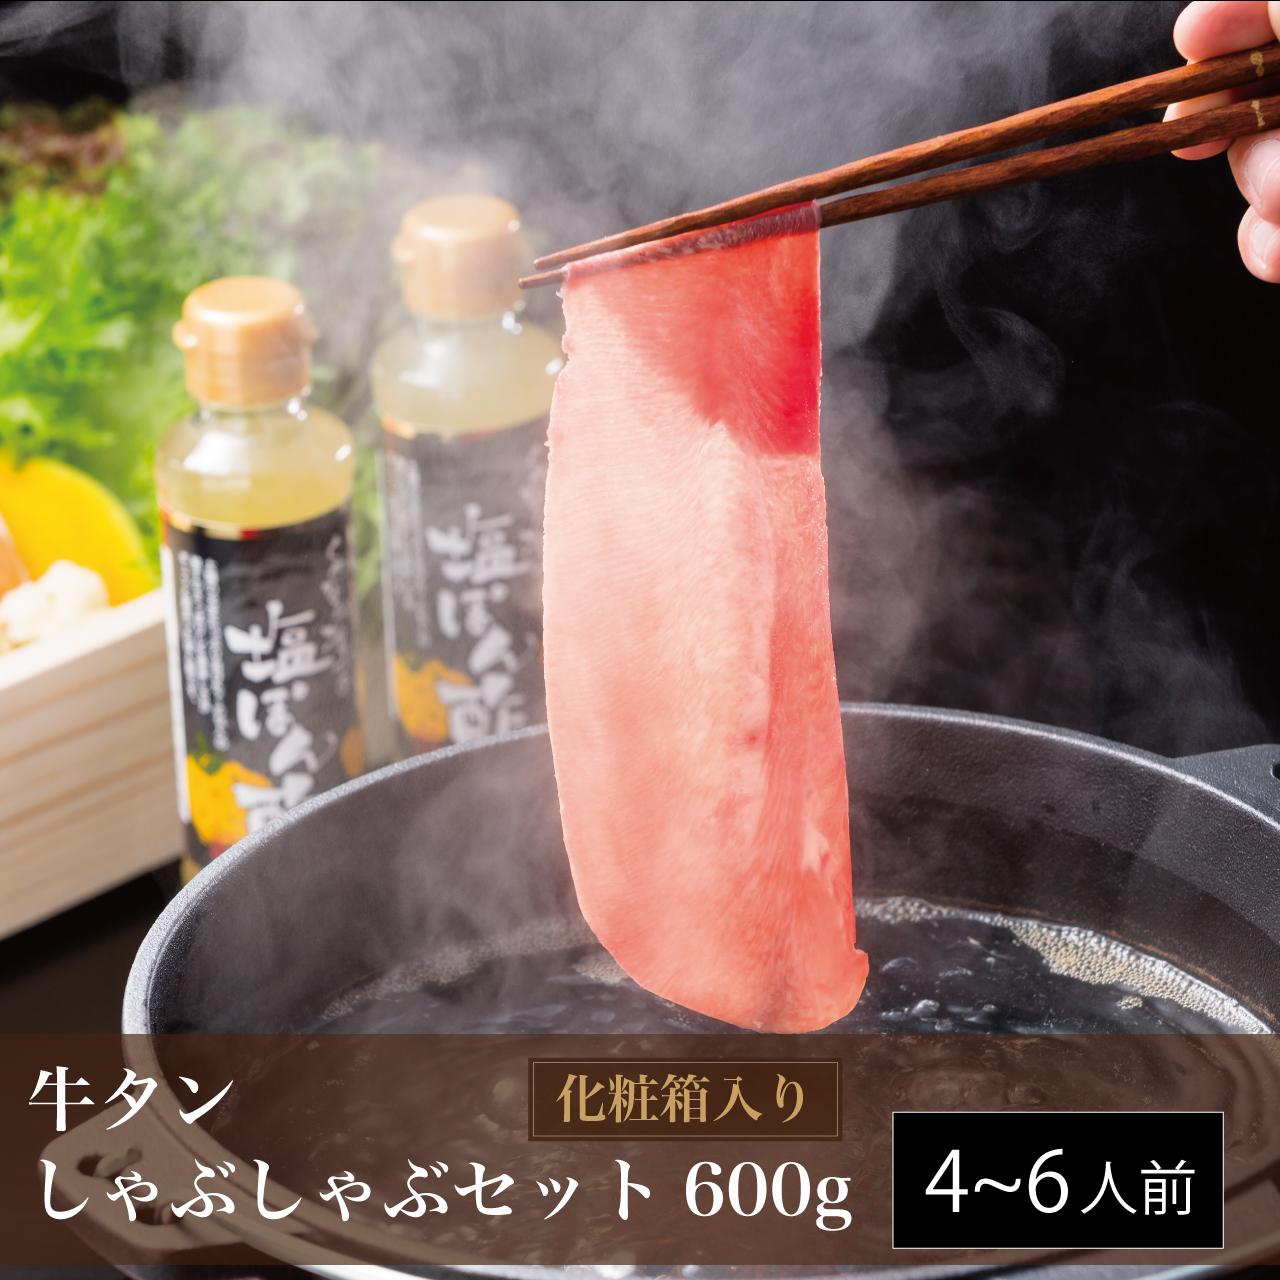 霜降り牛タンしゃぶしゃぶセット600g(4〜6人前)【送料無料】